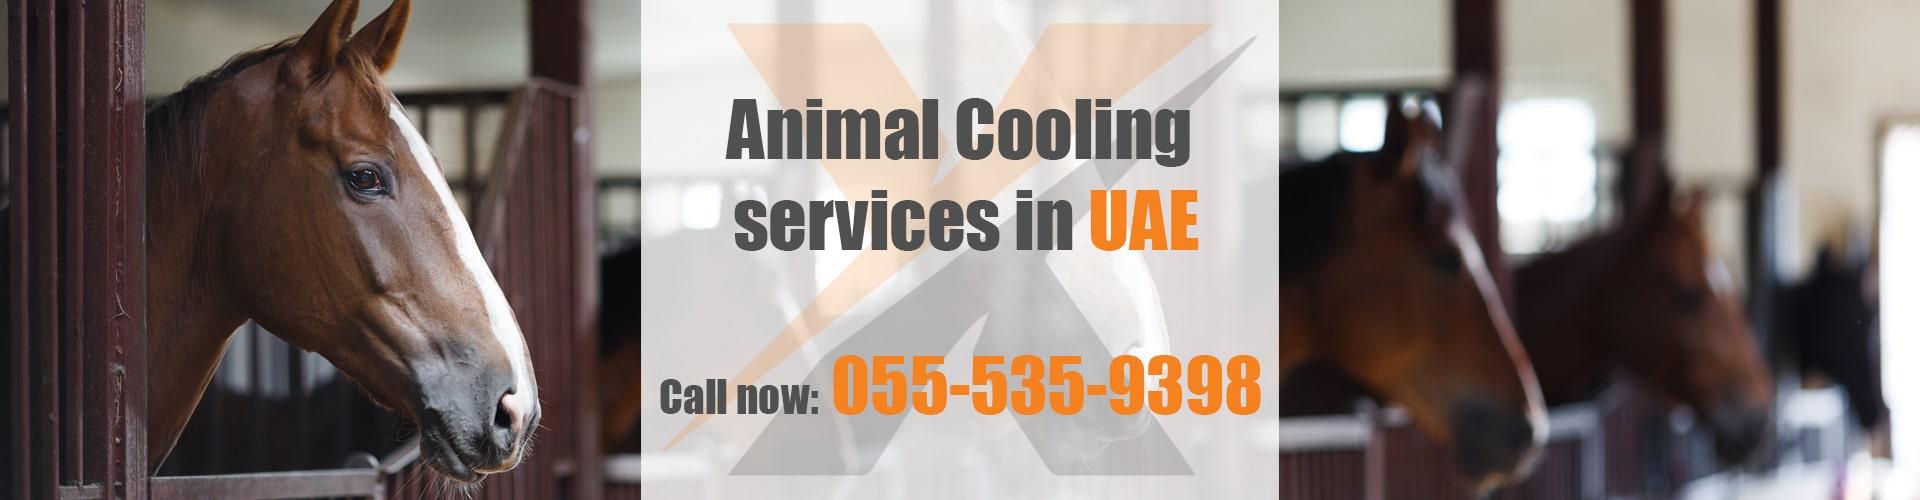 Animal Cooling